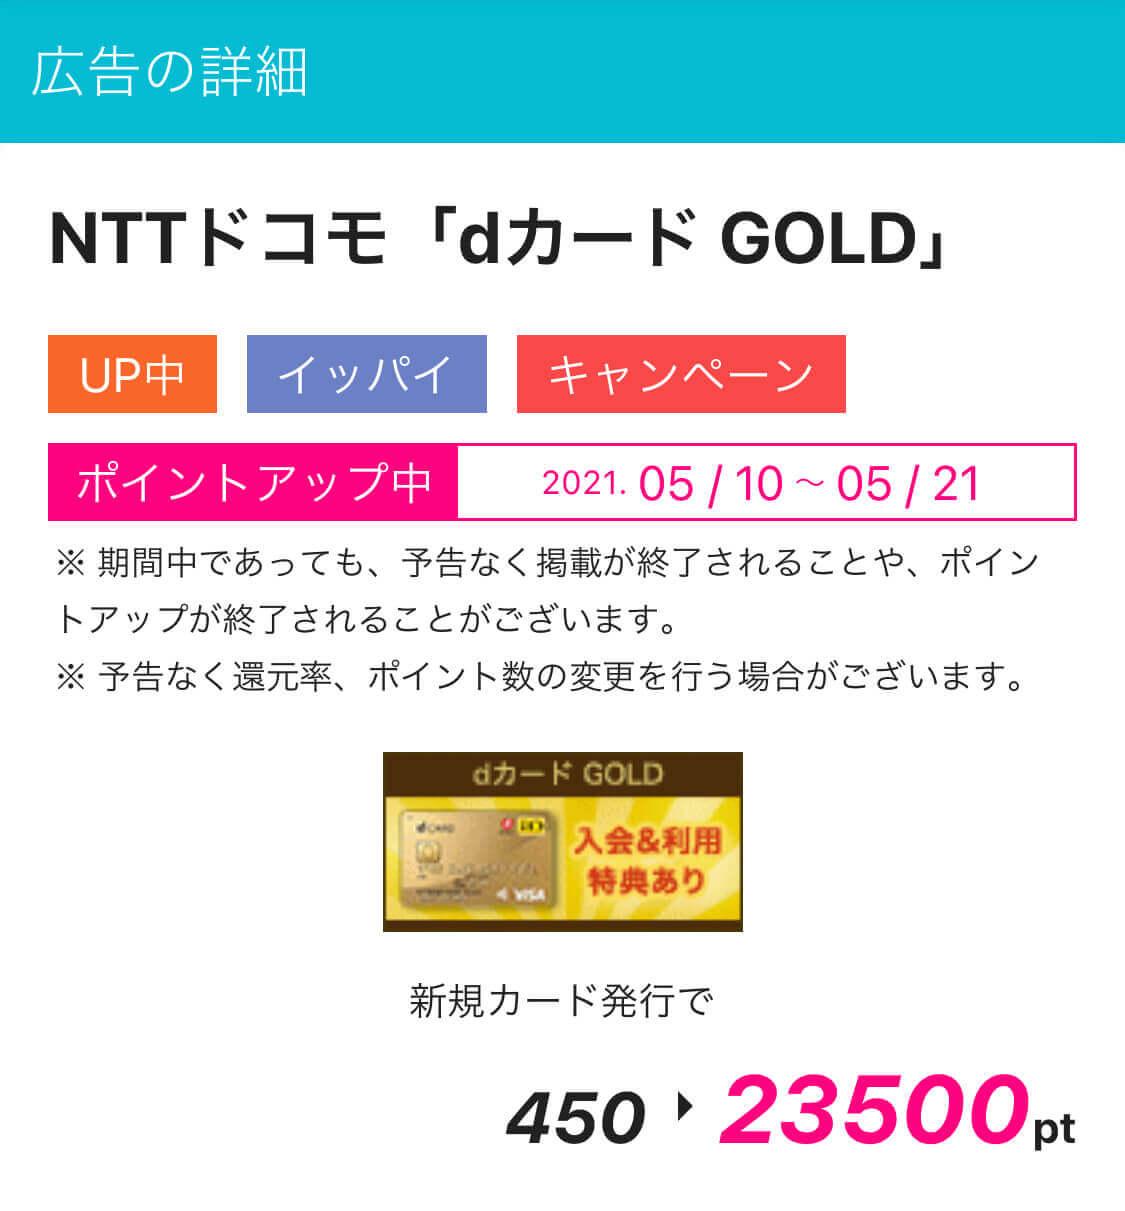 【ハピタスおすすめ案件】NTTドコモ dカード GOLD